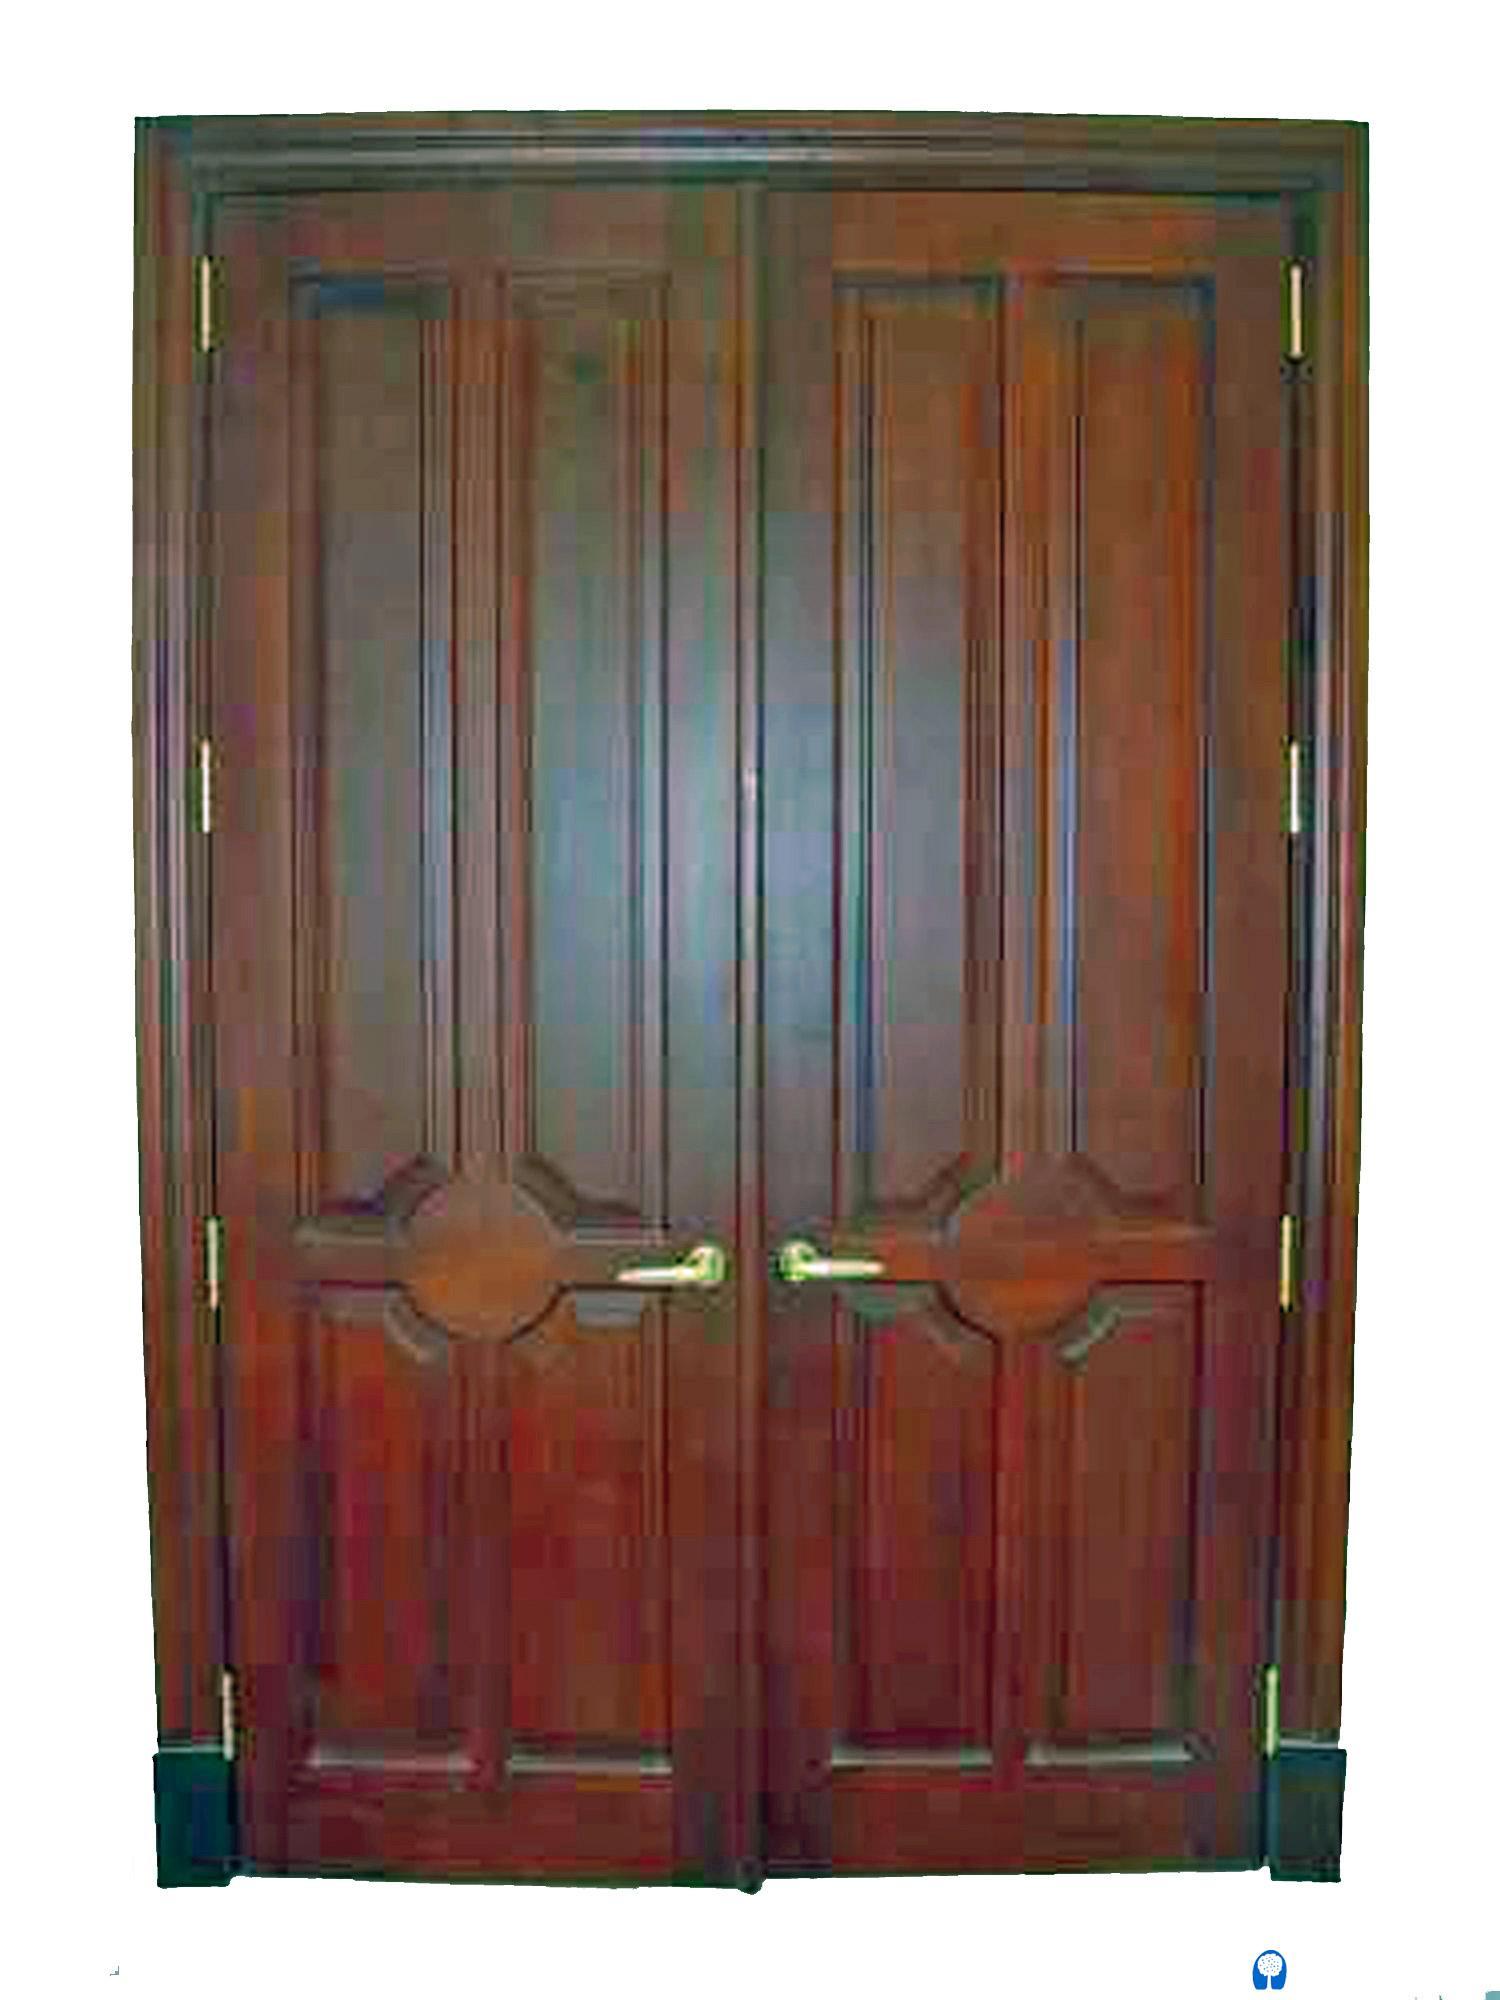 BAL HARBOUR DOOR.  sc 1 st  Sabana Windows & BAL HARBOUR DOOR. - Sabana Windows pezcame.com